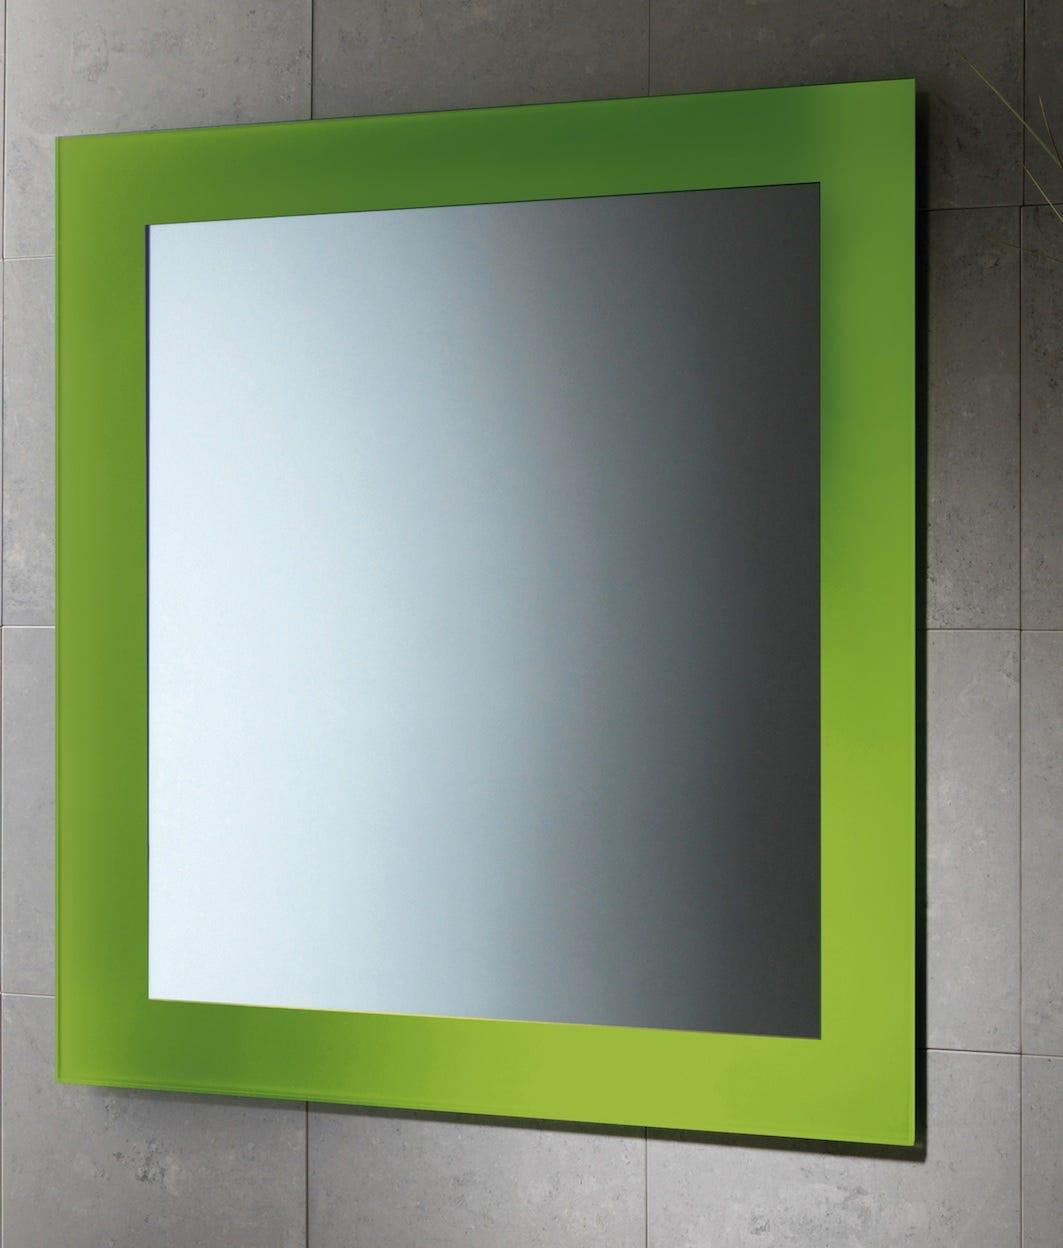 Specchio da bagno 60 x 70 cm cornice laccata modello magic finitura verde acido ebay - Specchio x bagno ...